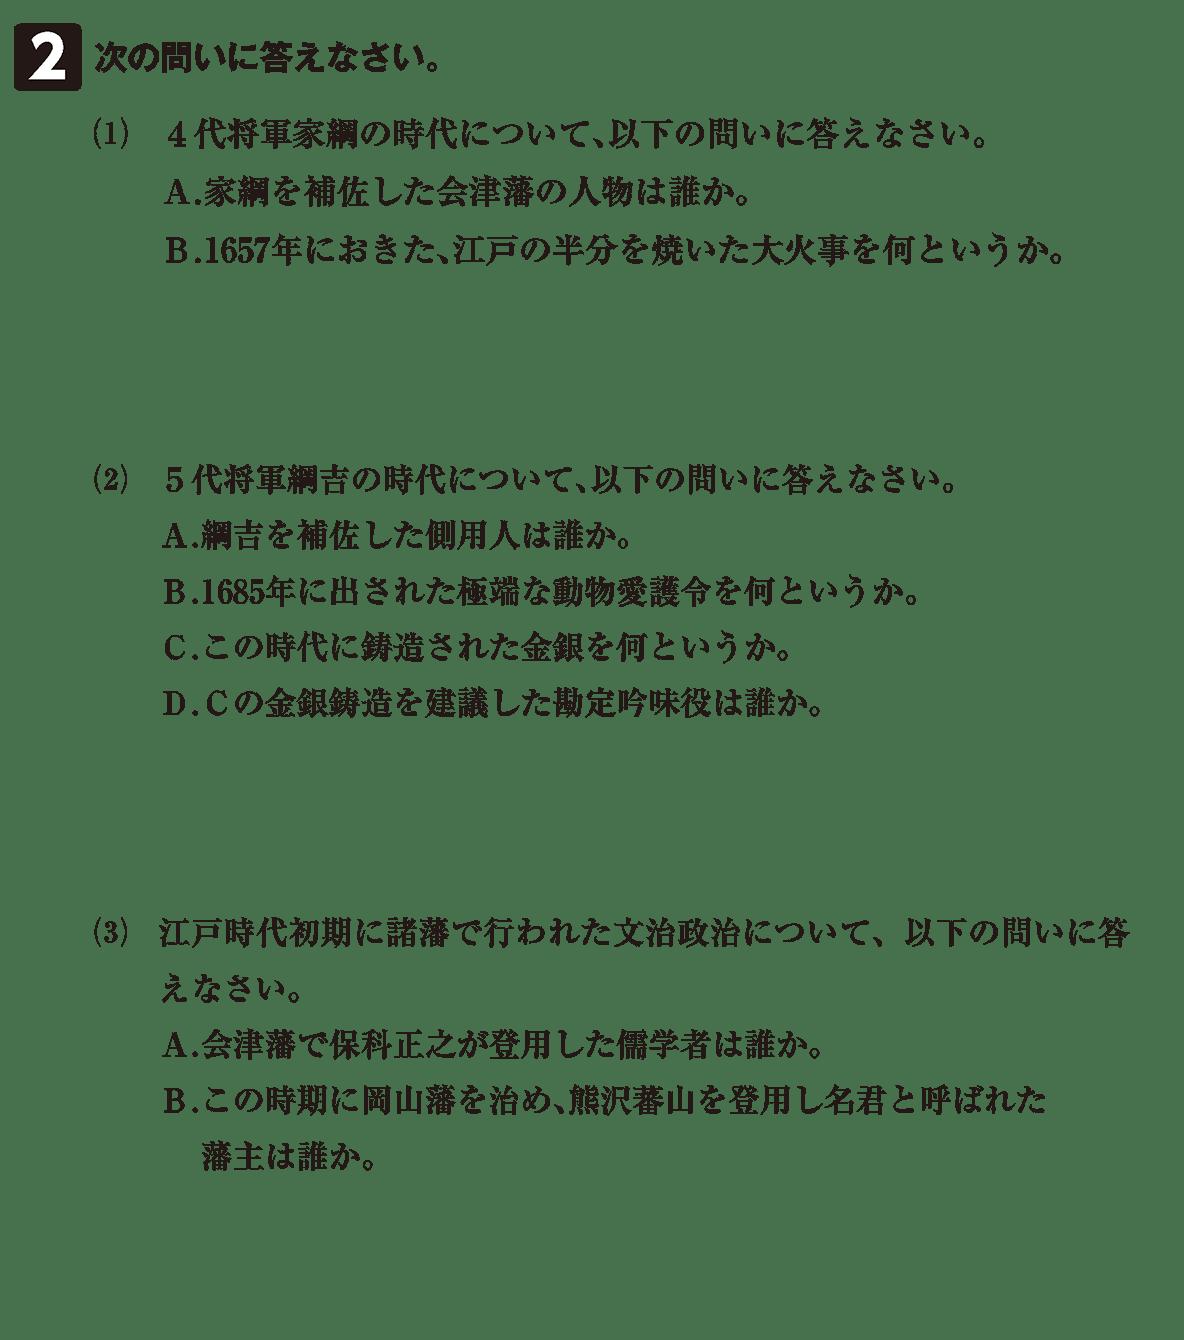 近世36 問題2 カッコ空欄